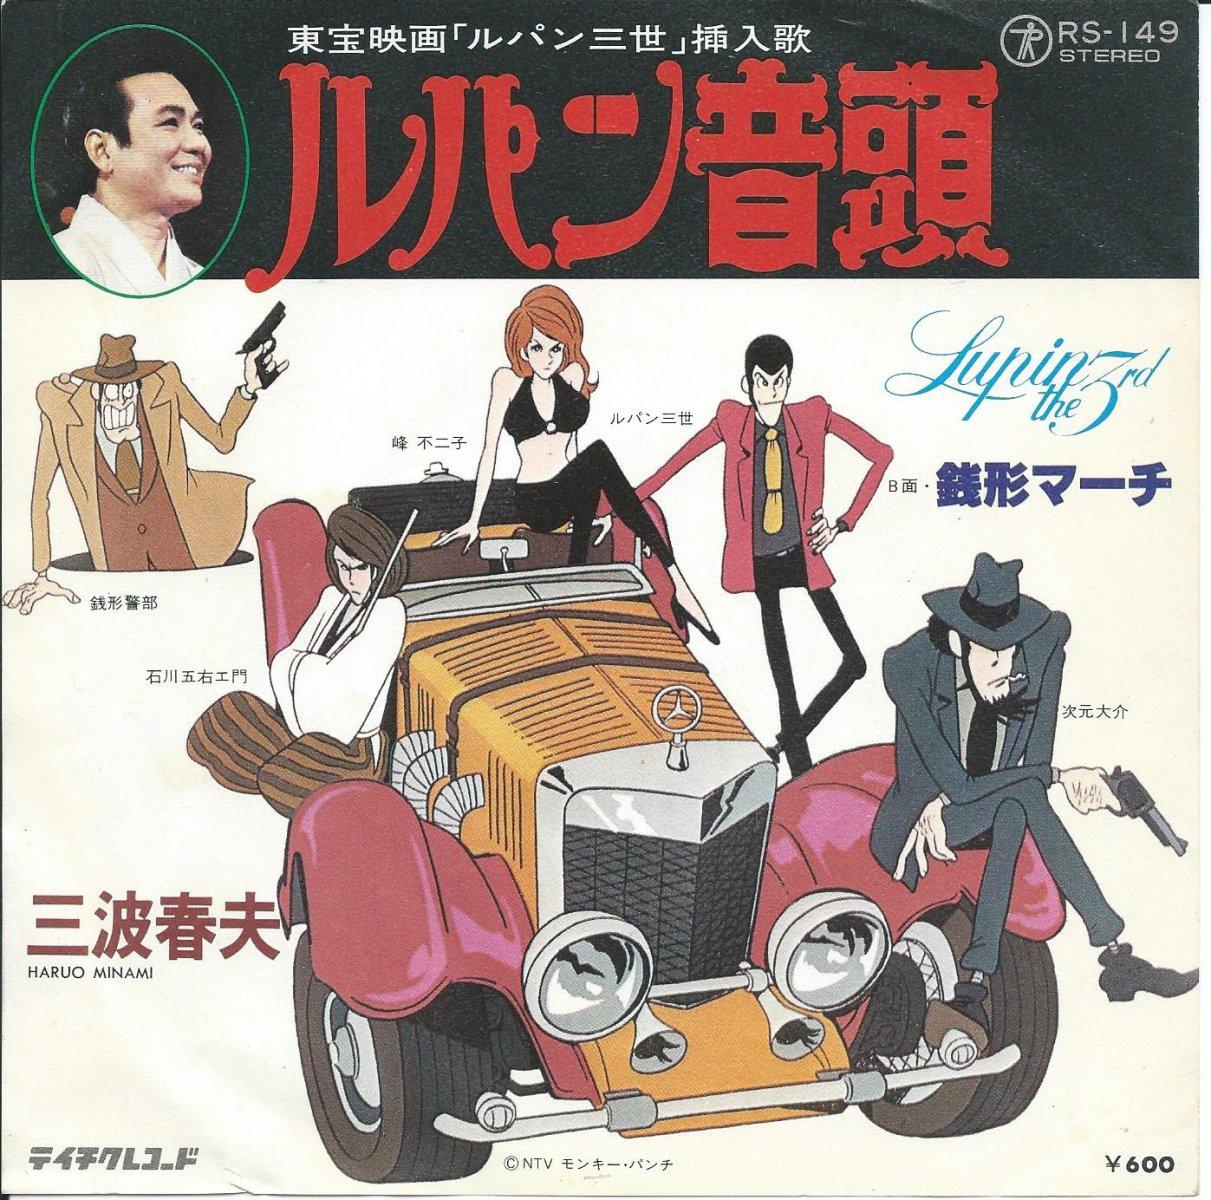 三波春夫 (大野雄二,テイチク・オーケストラ) / ルパン音頭 / 銭形マーチ (7